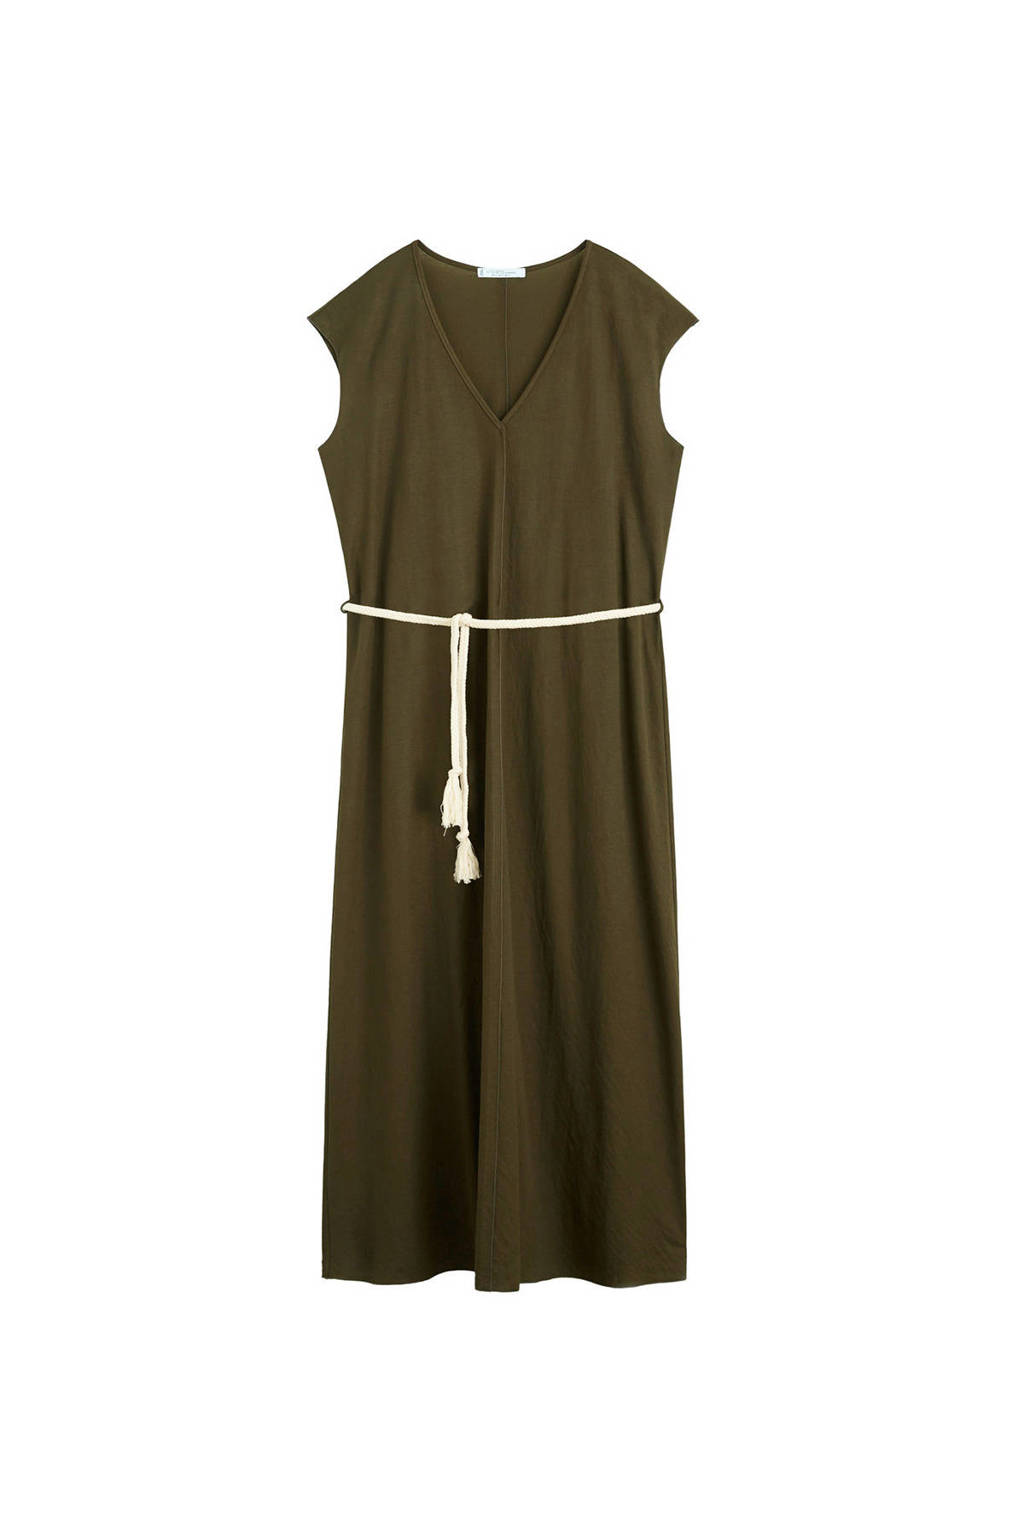 Violeta by Mango jurk lang met tailleband kaki, Kaki